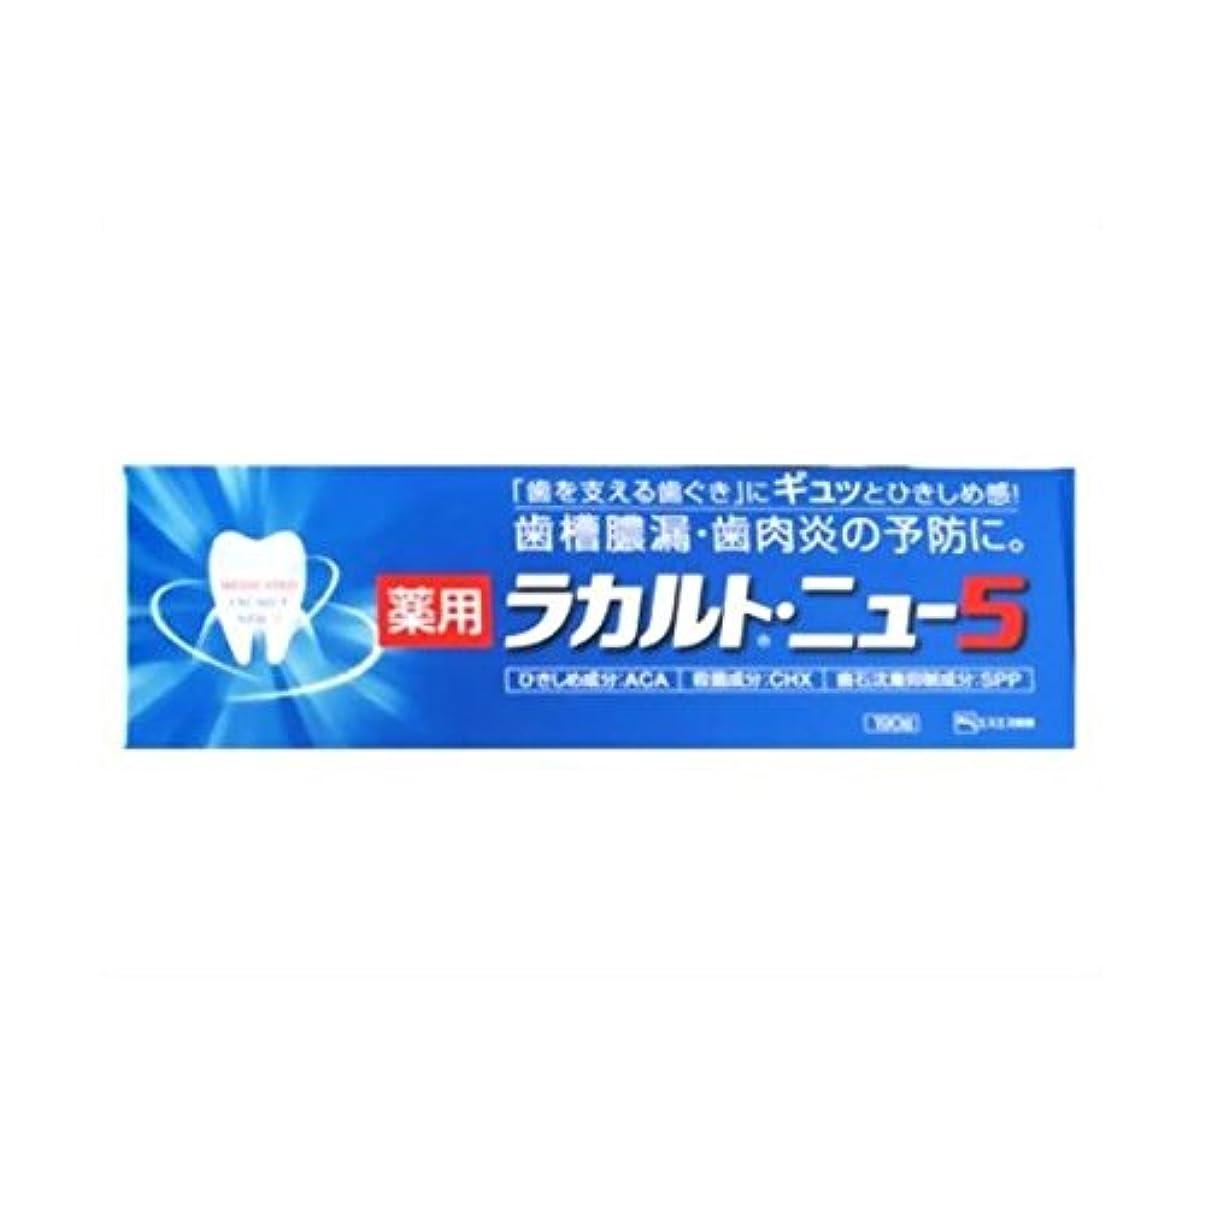 柔らかい足補正ヒューズ【お徳用 3 セット】 薬用ラカルトニュー5 190g×3セット